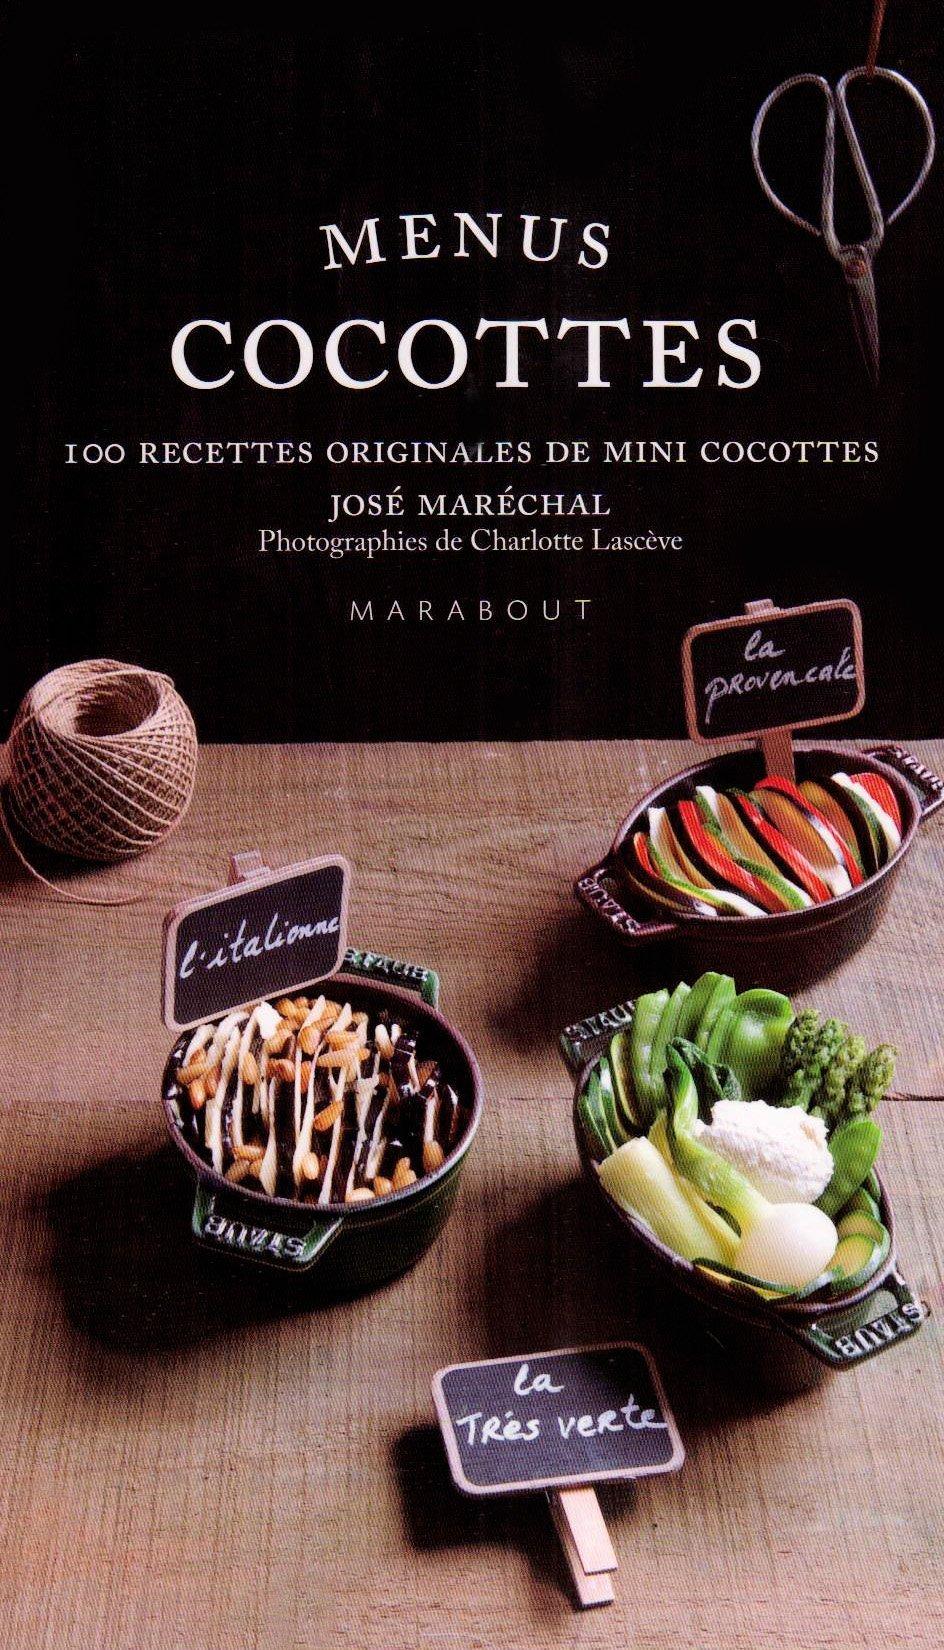 Amazon.fr - Menus Cocottes : Plus de 100 recettes originales de mini  cocottes - José Maréchal, Elodie Rambaud, Charlotte Lascève - Livres